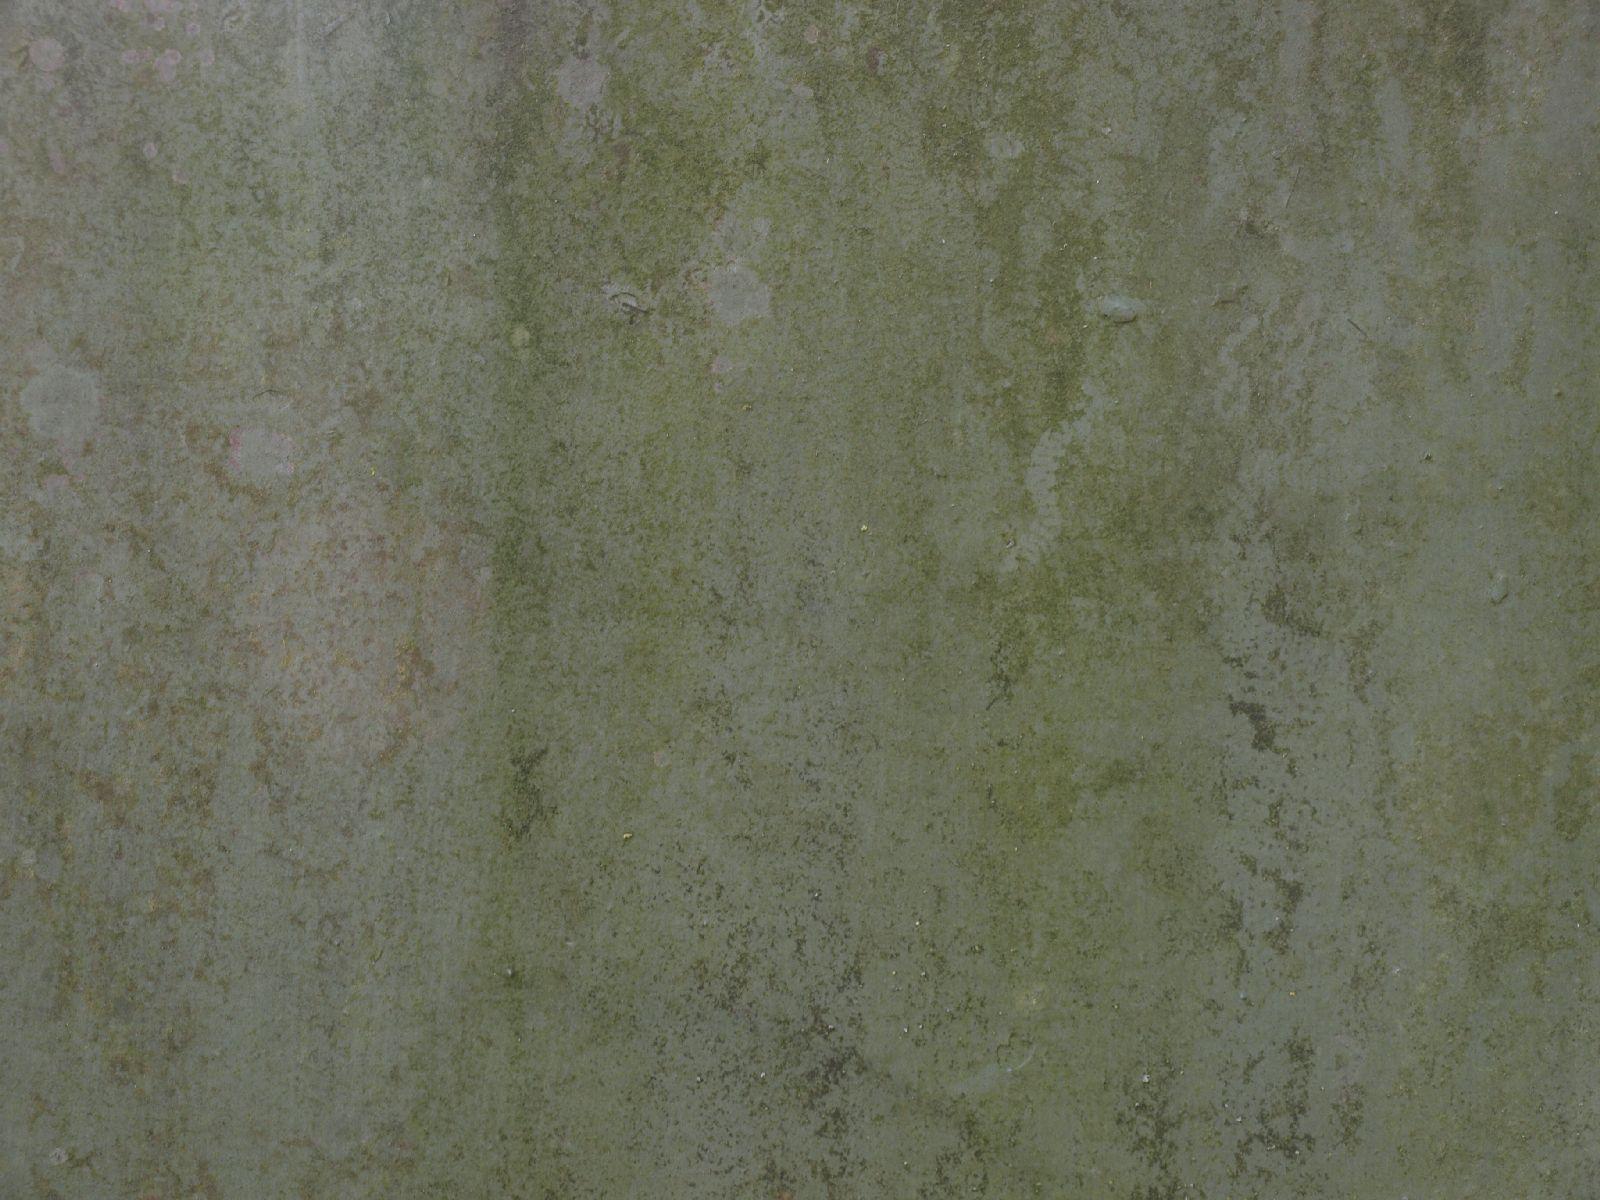 Grunge-Dreck_Textur_A_P8309445